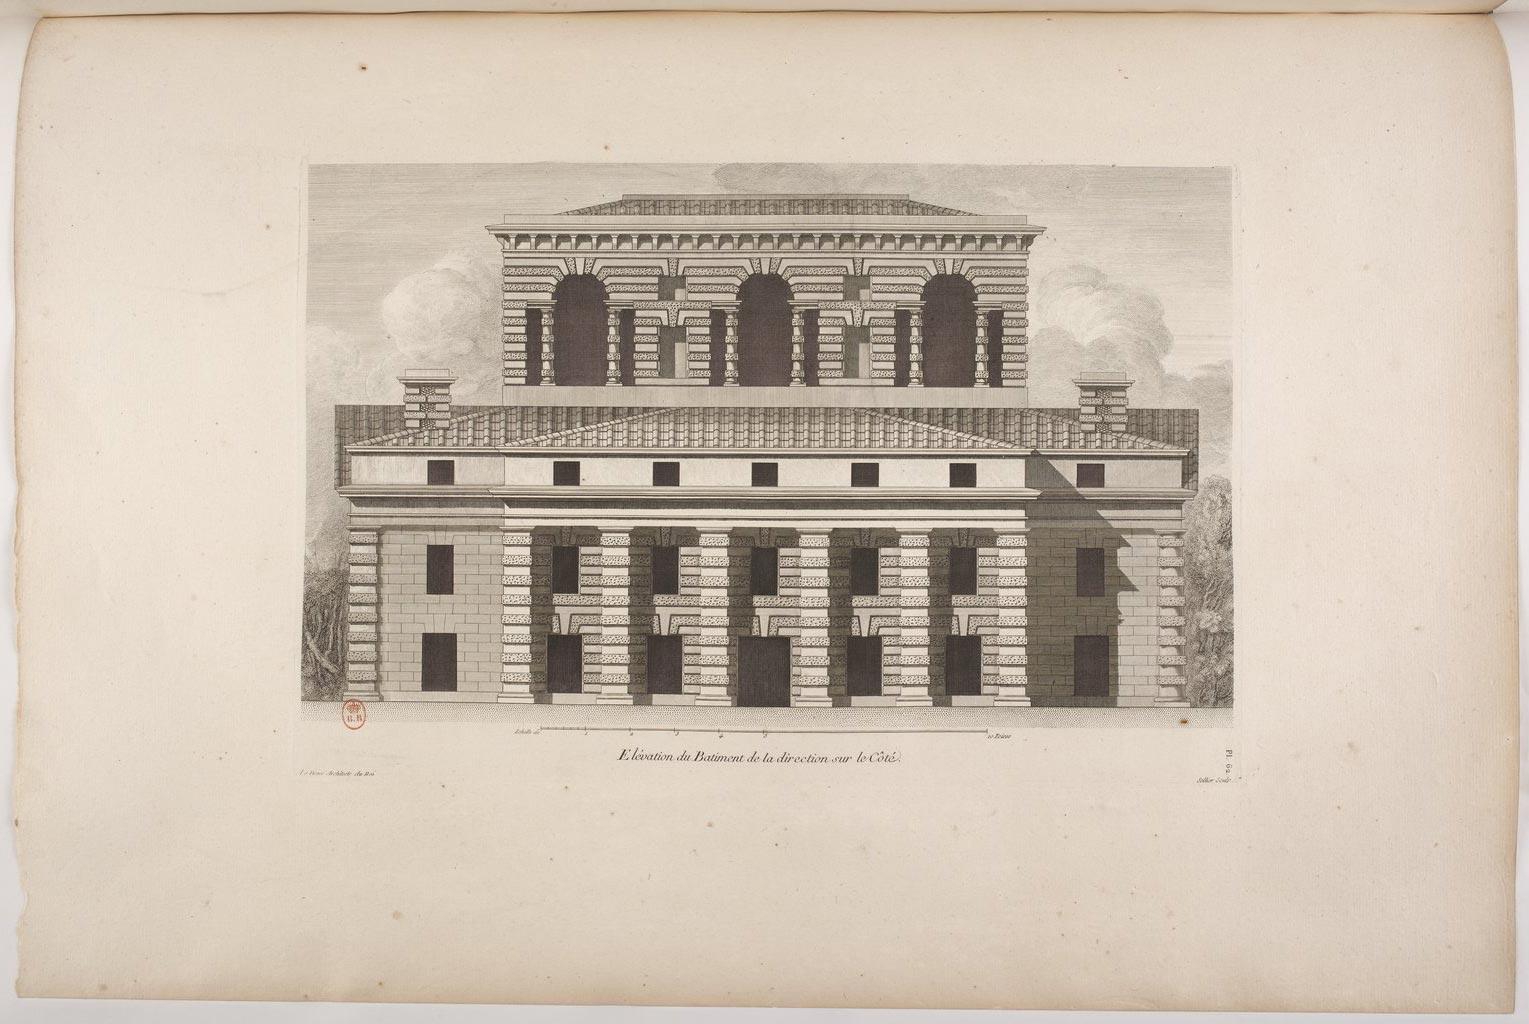 ledoux-claude-architecture-363